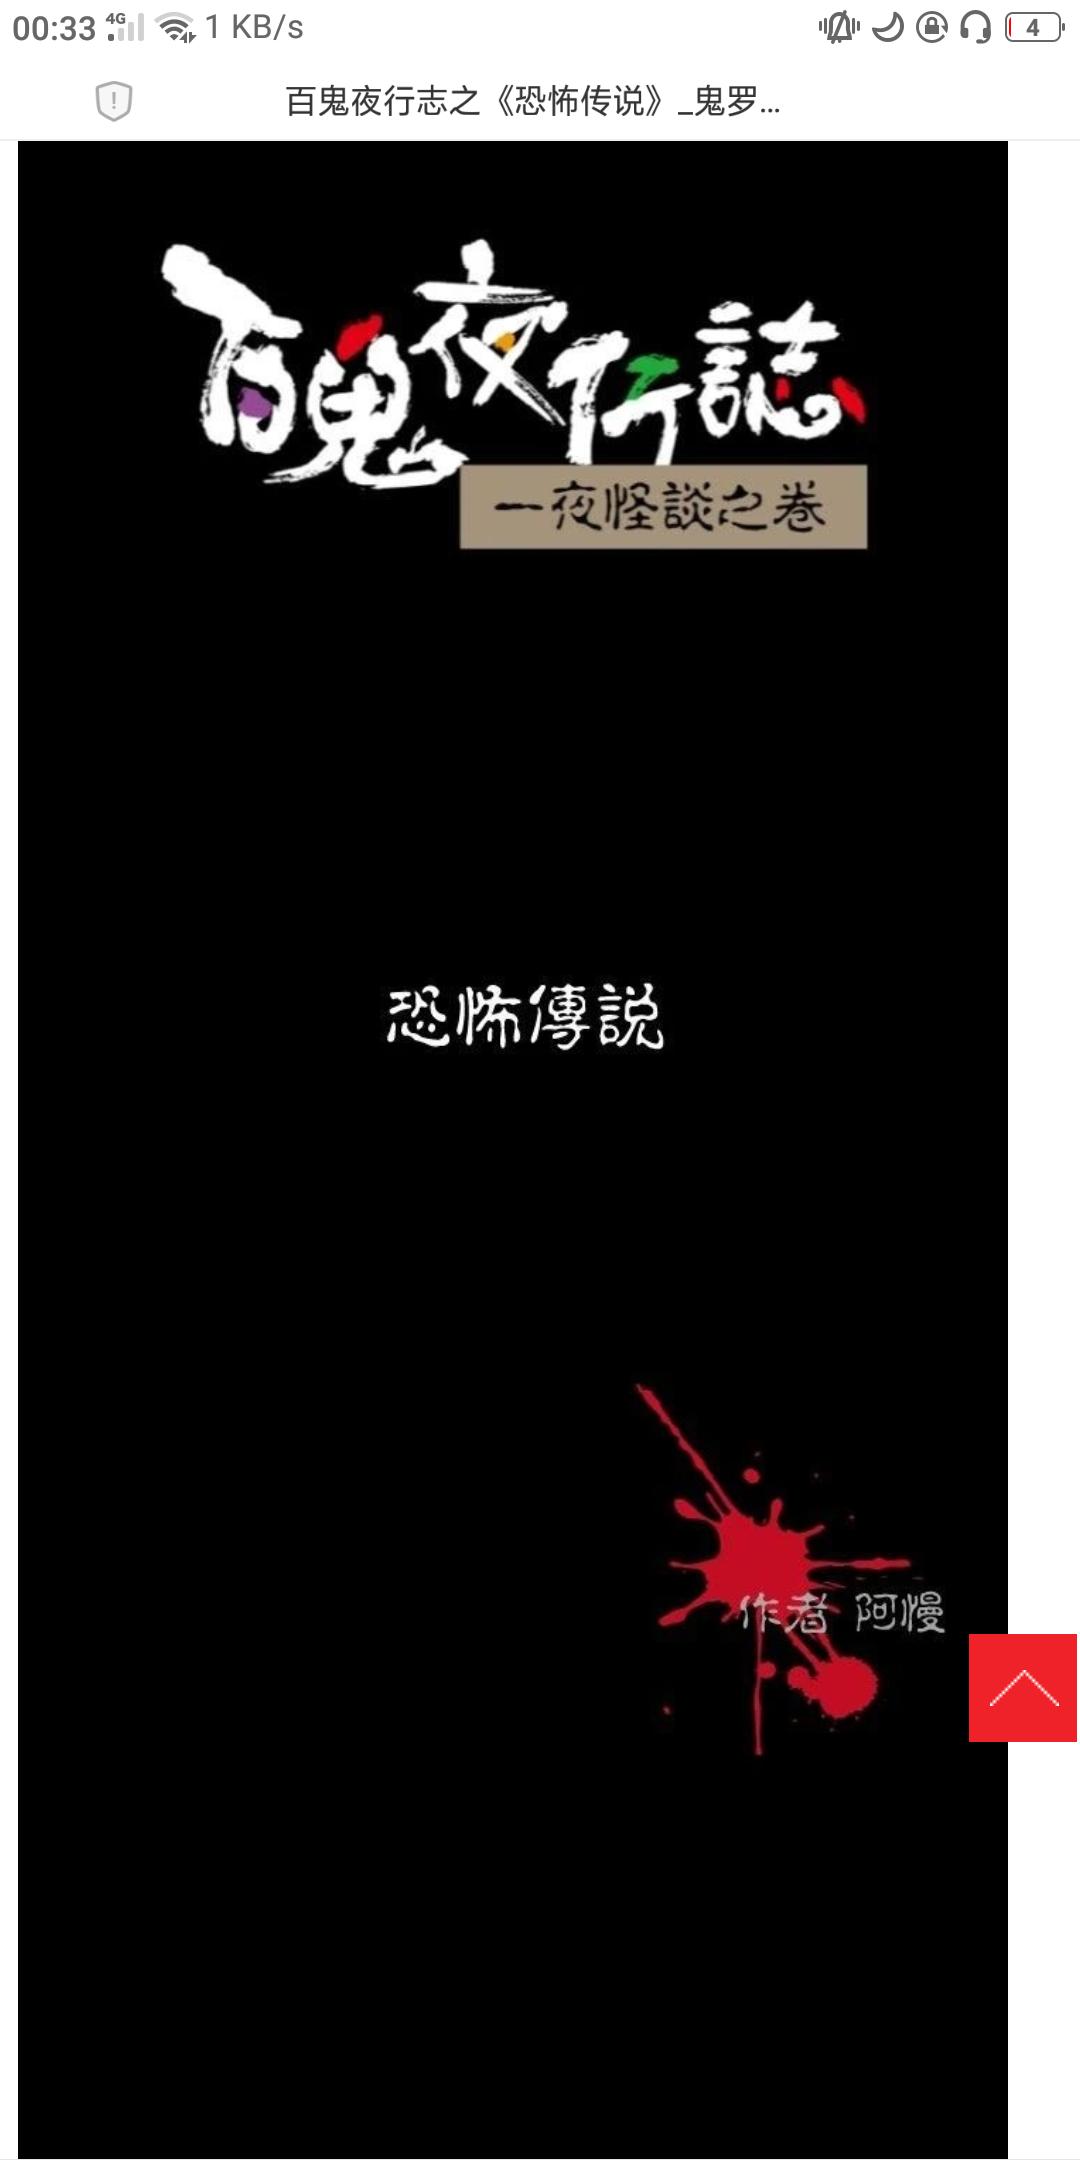 【漫画更新】百鬼夜行志《恐怖传说》-小柚妹站